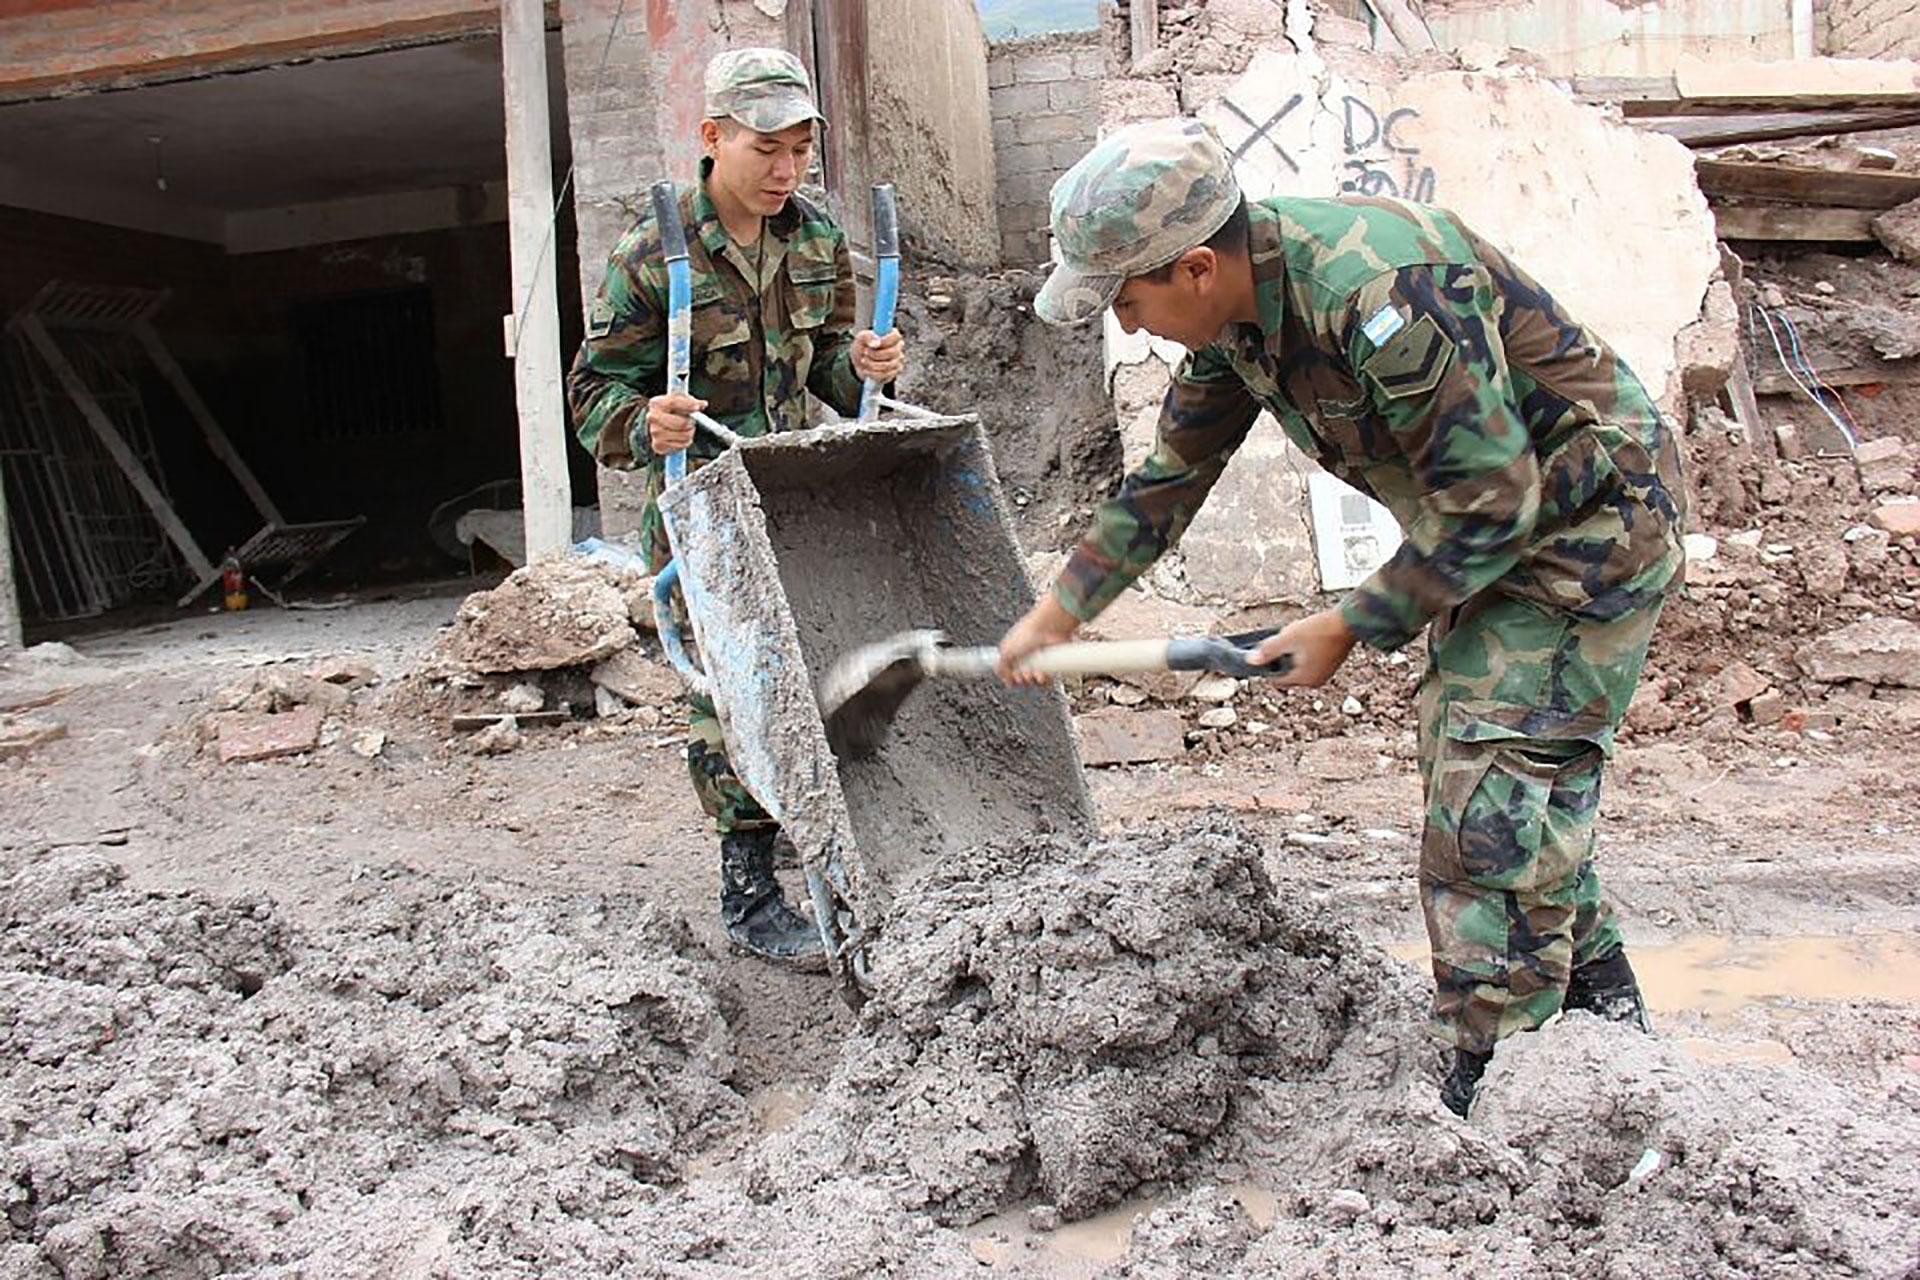 Personal del Ejército y la Fuerza Aérea continúan brindando apoyo a la comunidad afectada por las fuertes lluvias que aún persisten y afectan a siete provincias